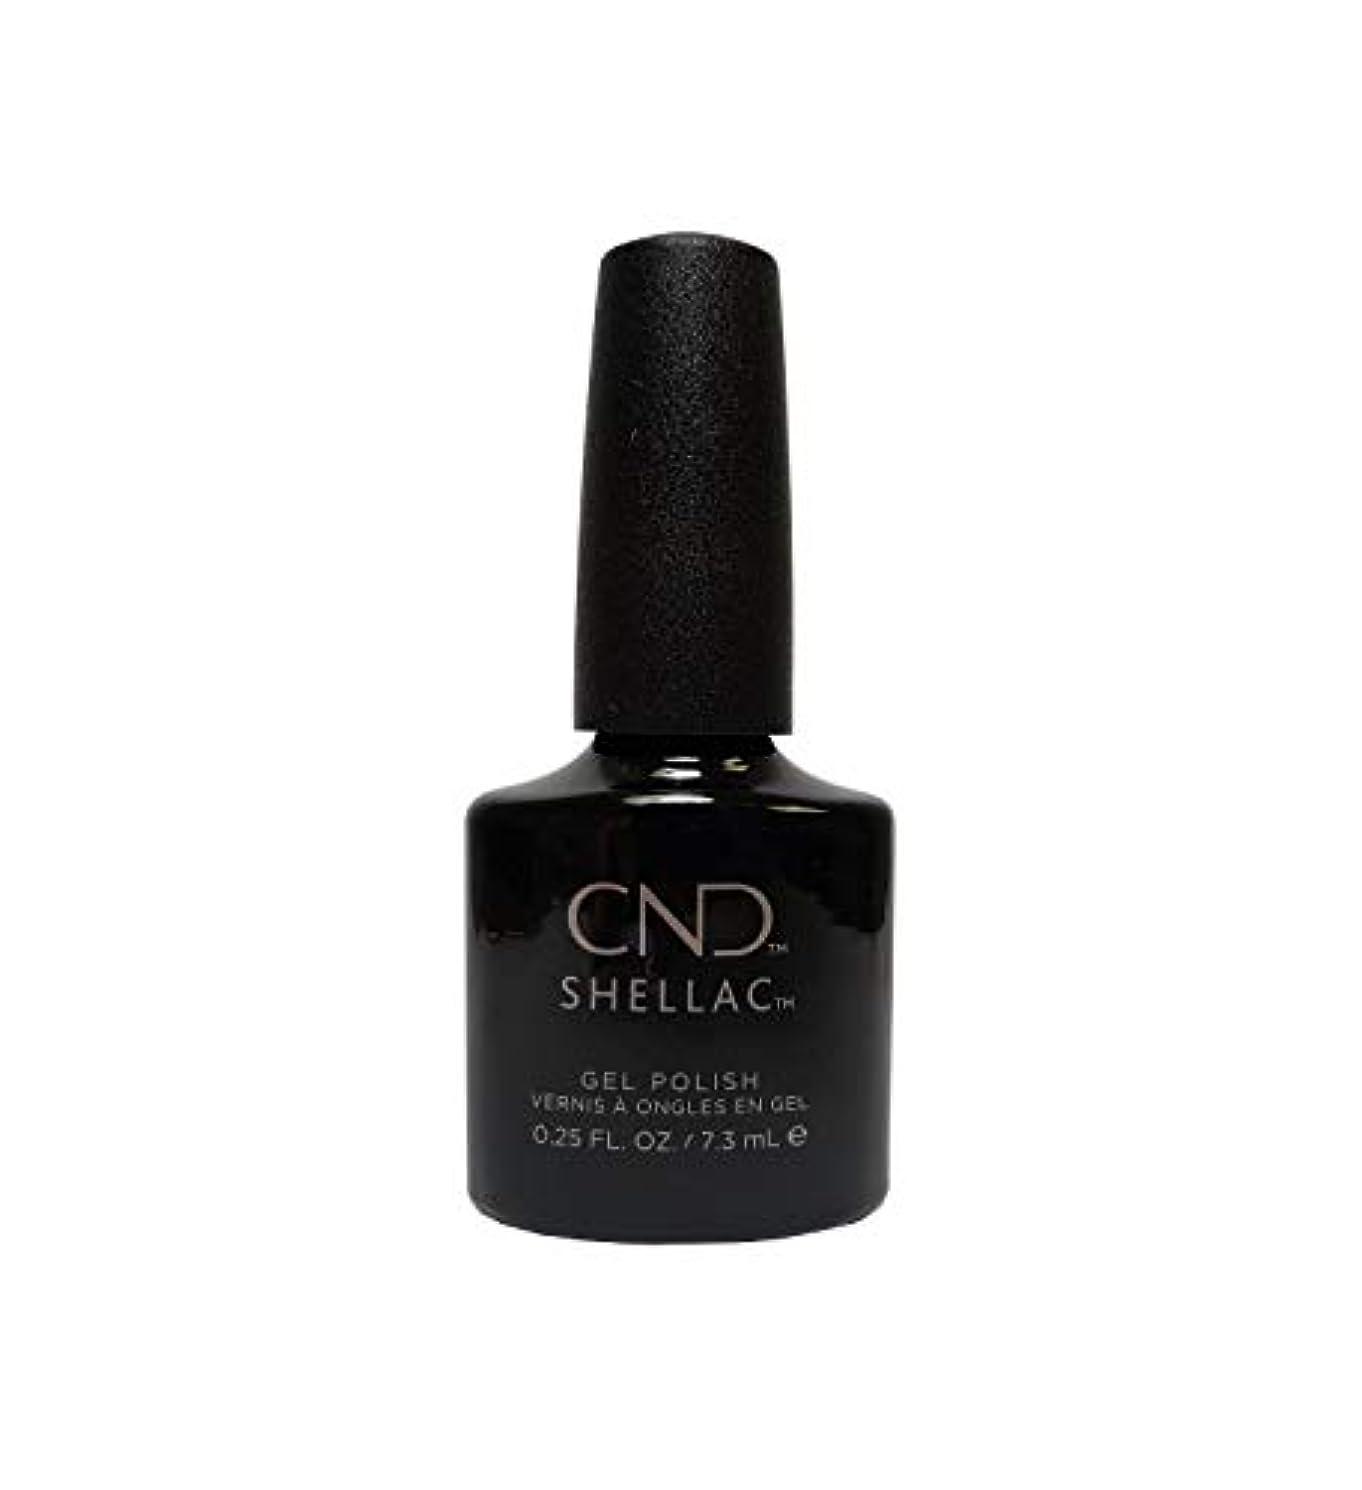 刺繍ナイロン調子CND シェラック UVカラーコート 518 7.3ml